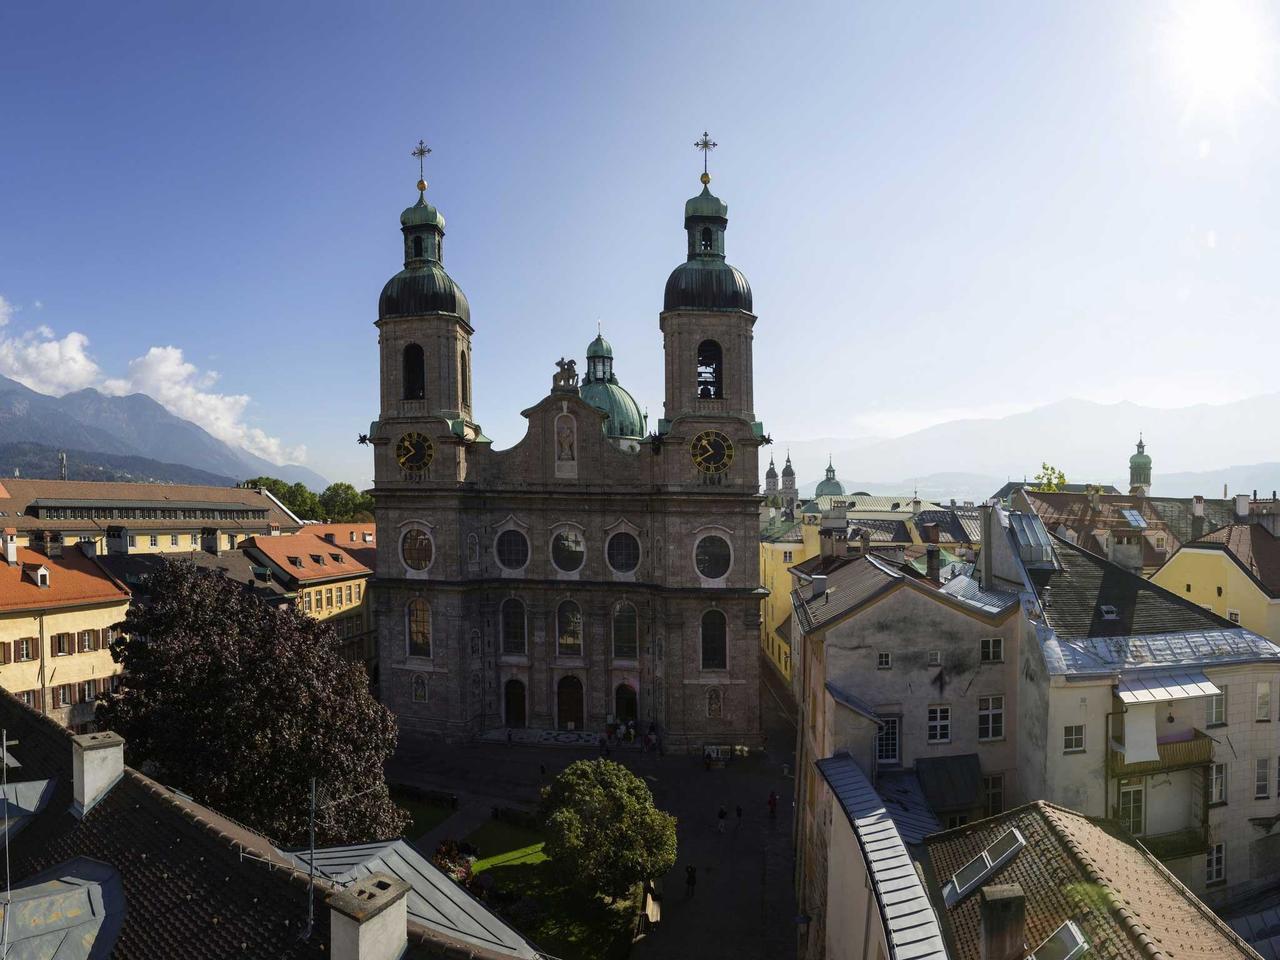 Собор Святого Иакова, Инсбрук